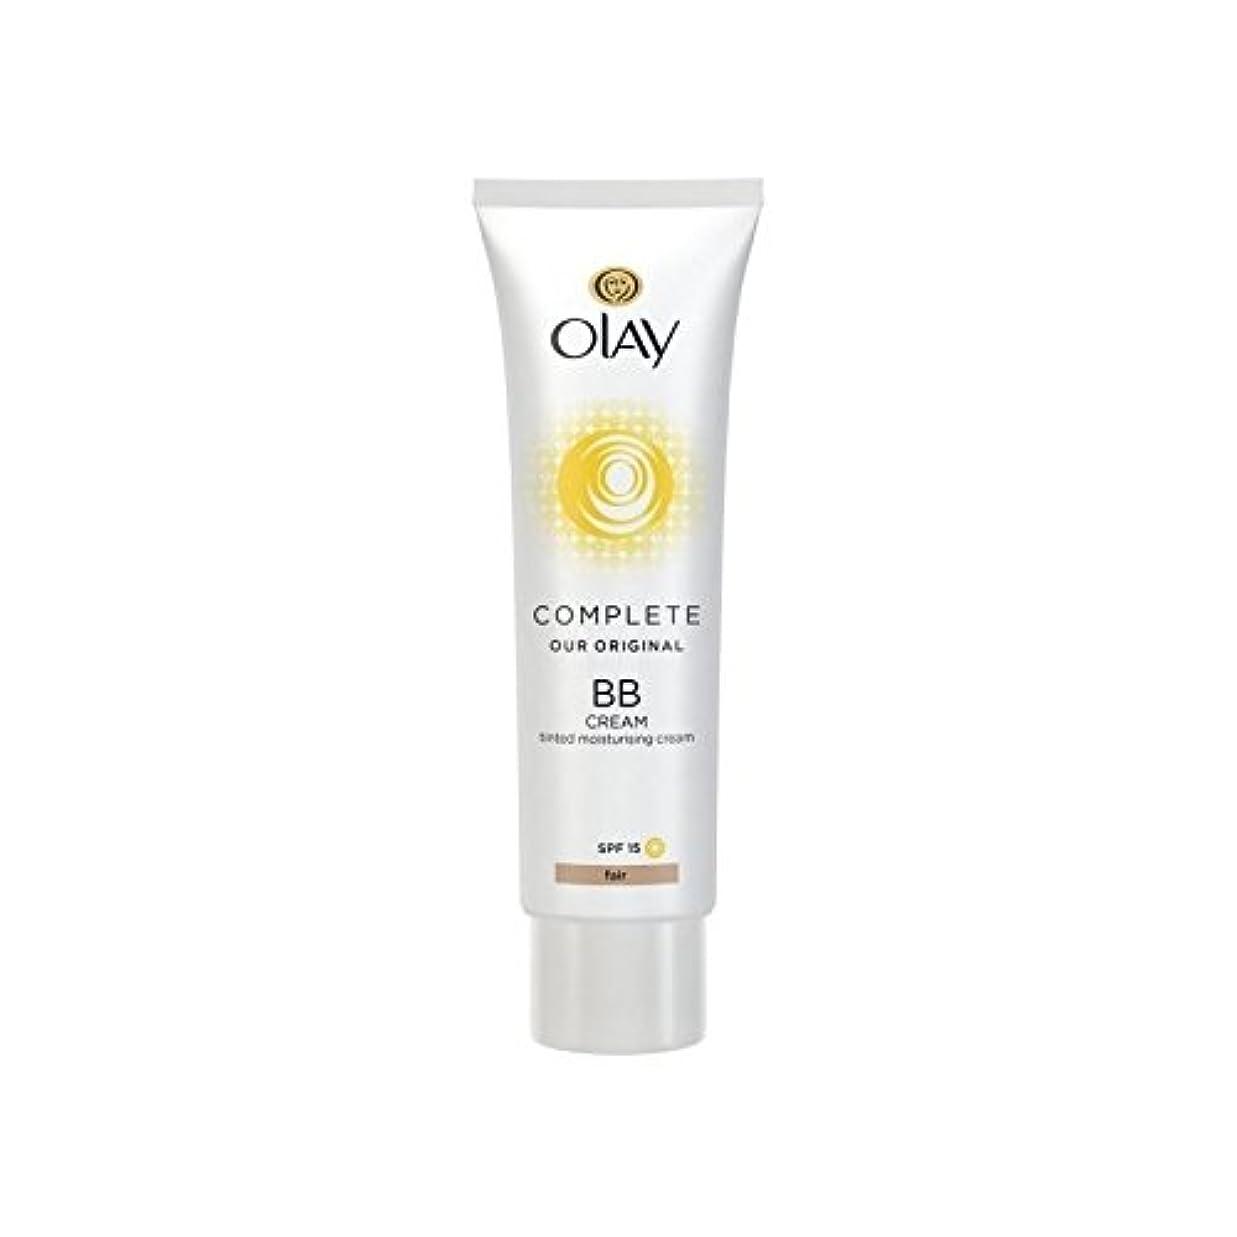 バドミントン信頼性のある宇宙飛行士Olay Complete BB Cream Fair SPF15 50ml (Pack of 6) - オーレイ完全なクリーム15フェアの50ミリリットル x6 [並行輸入品]